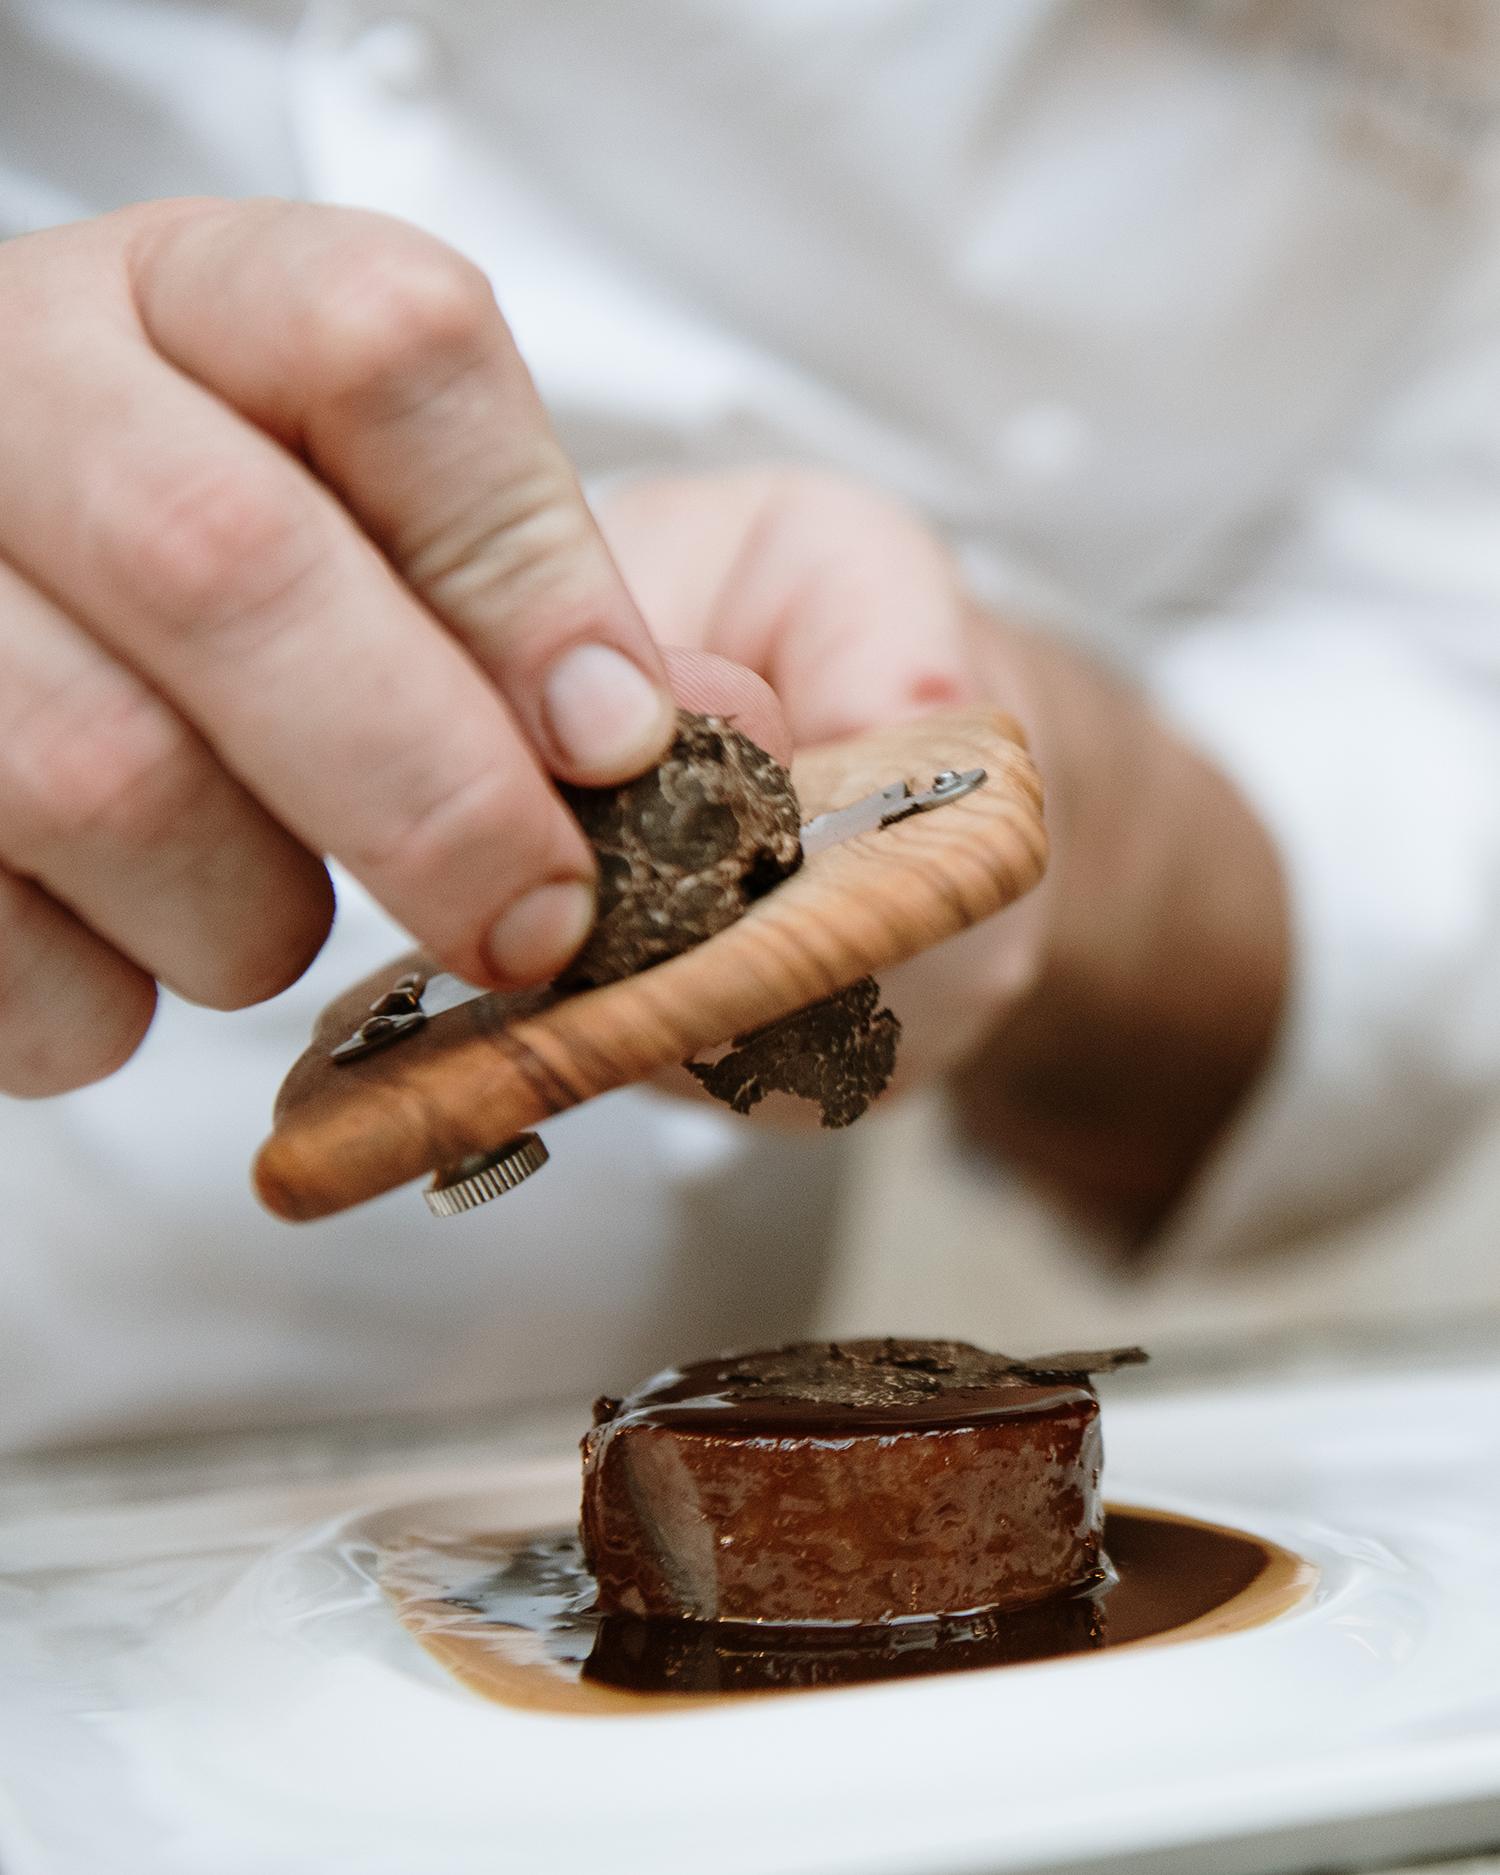 Sintonia celebra su primer aniversario con una propuesta gastronómica de caza y trufa